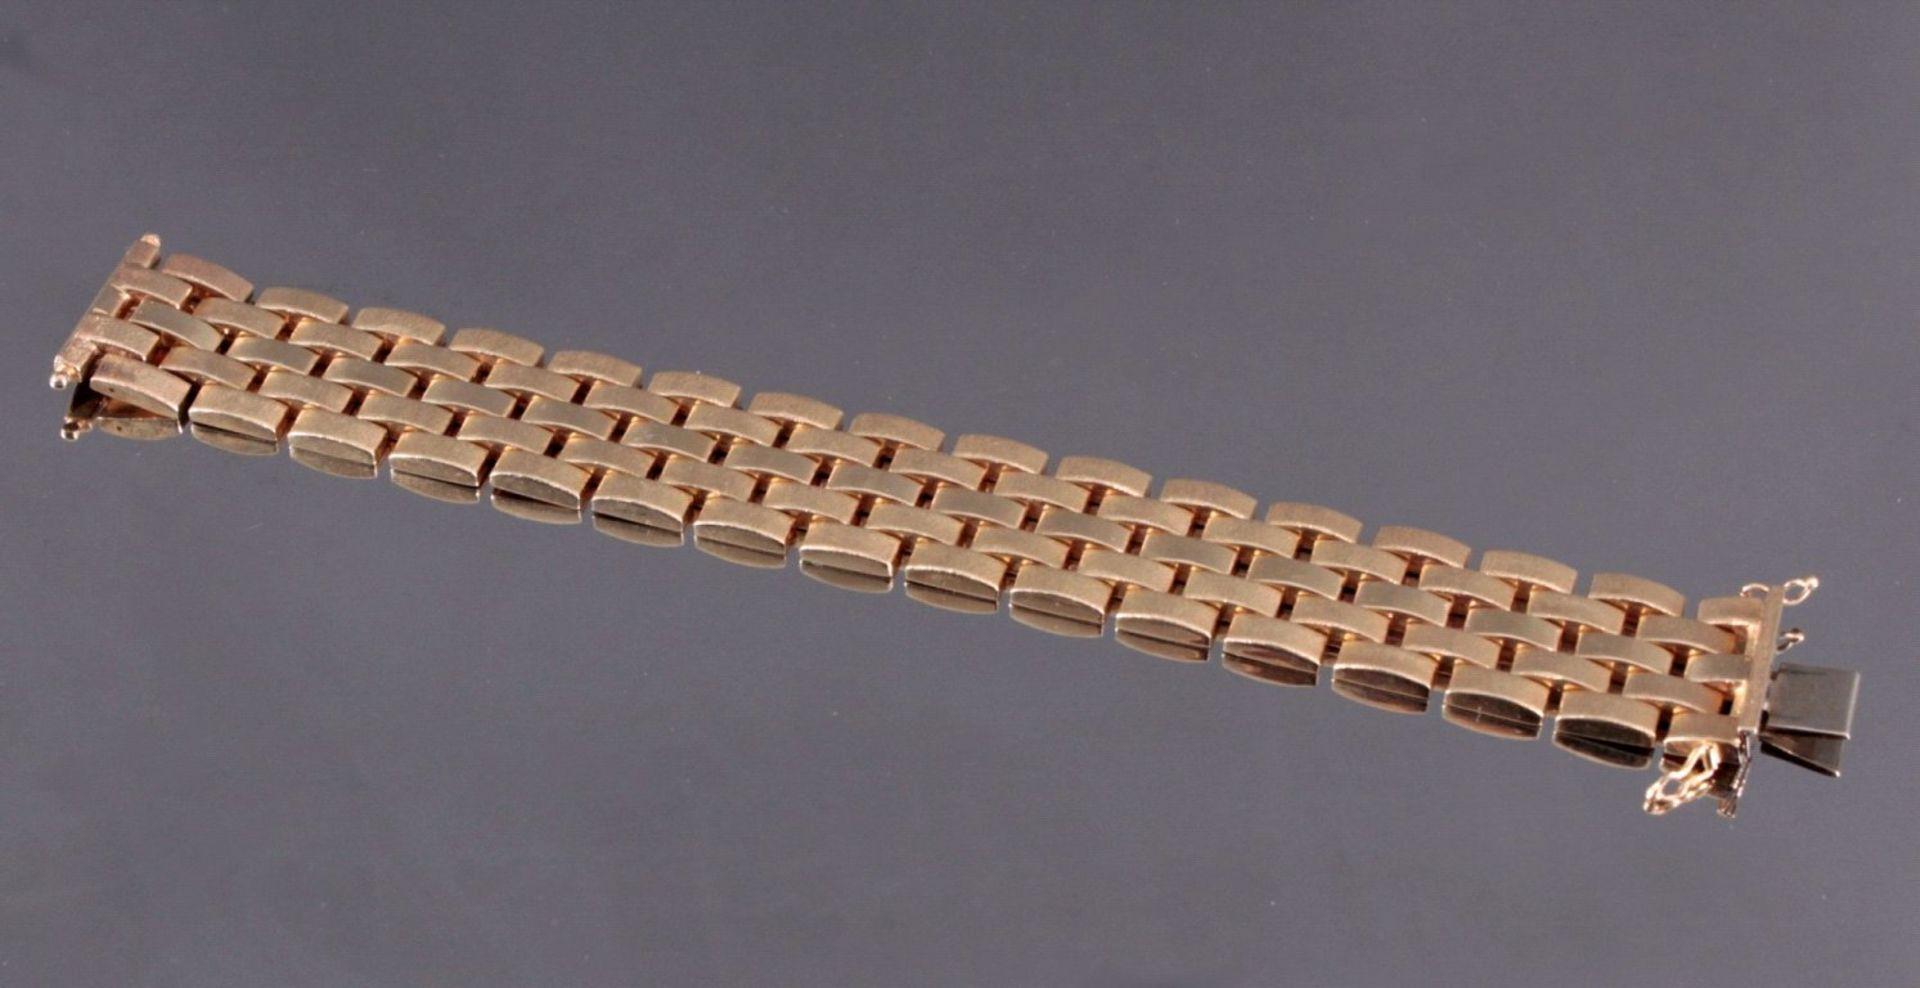 Damenarmband 585/000 GelbgoldGliederarmband, Sicherheitsverschluss, ca. L- 18,5 cm, 44,8g